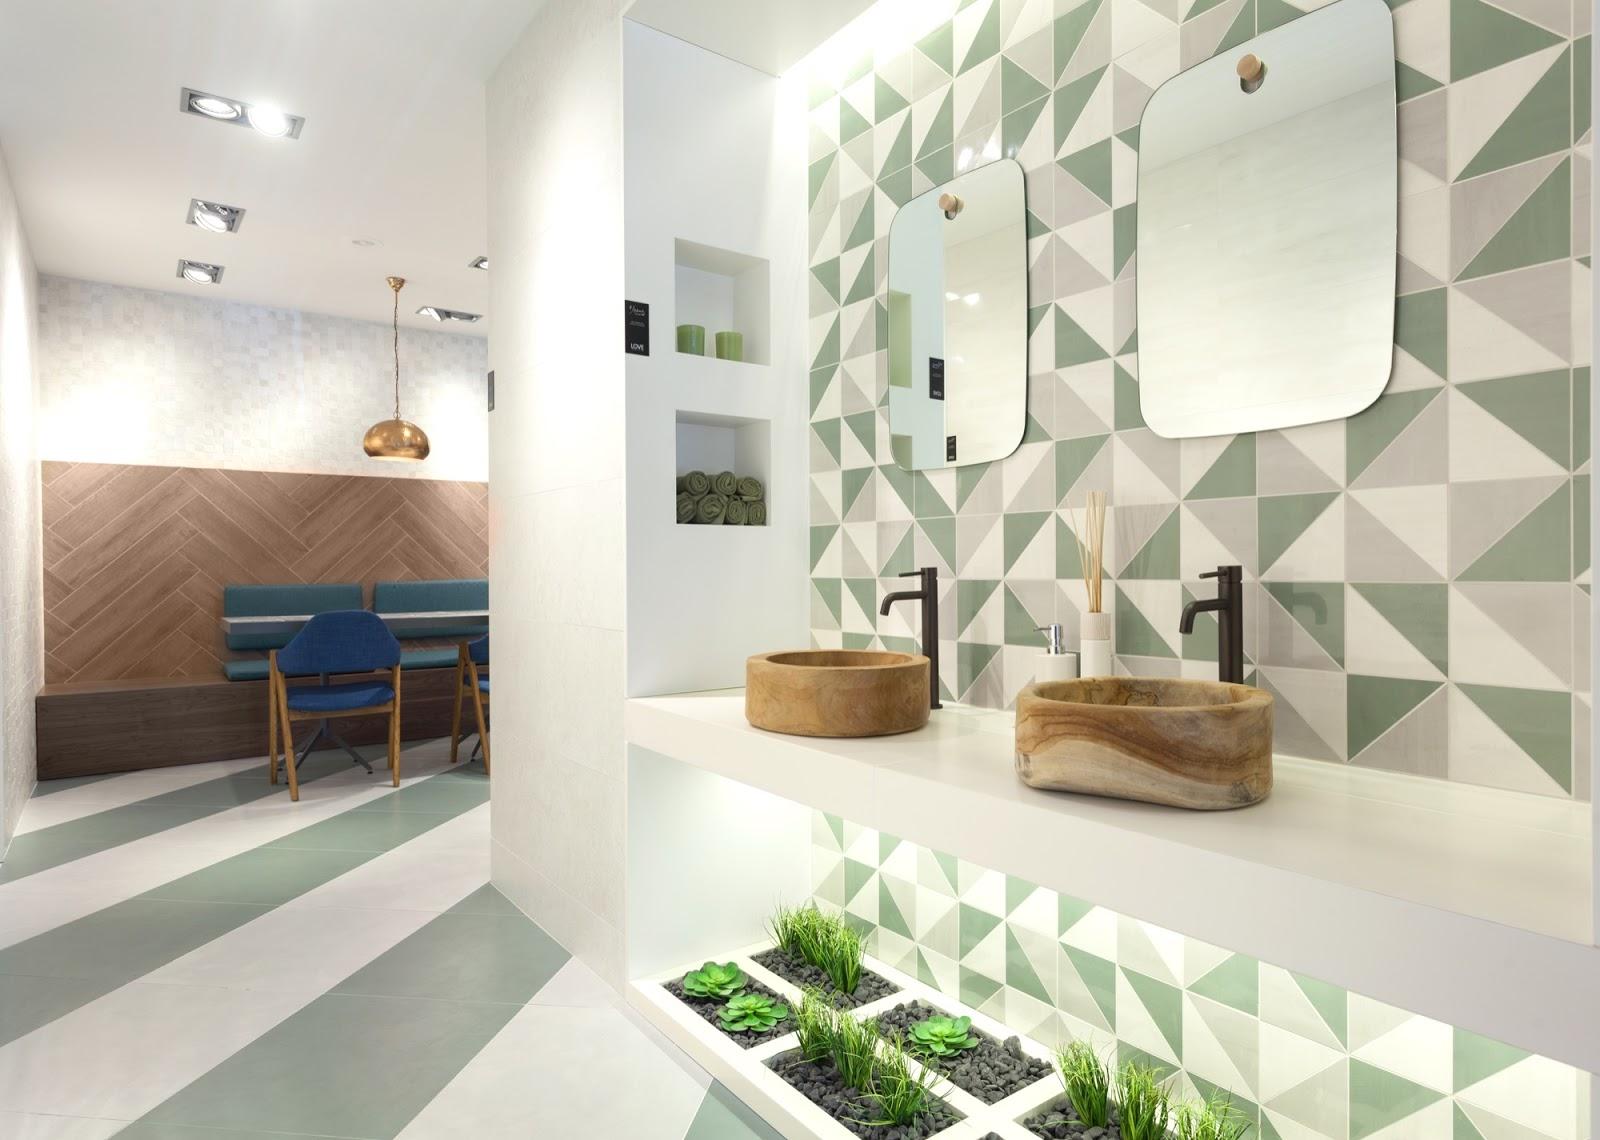 Mini jardim de suculentas no lavabo. Blog Achados de Decoração #476529 1600 1140